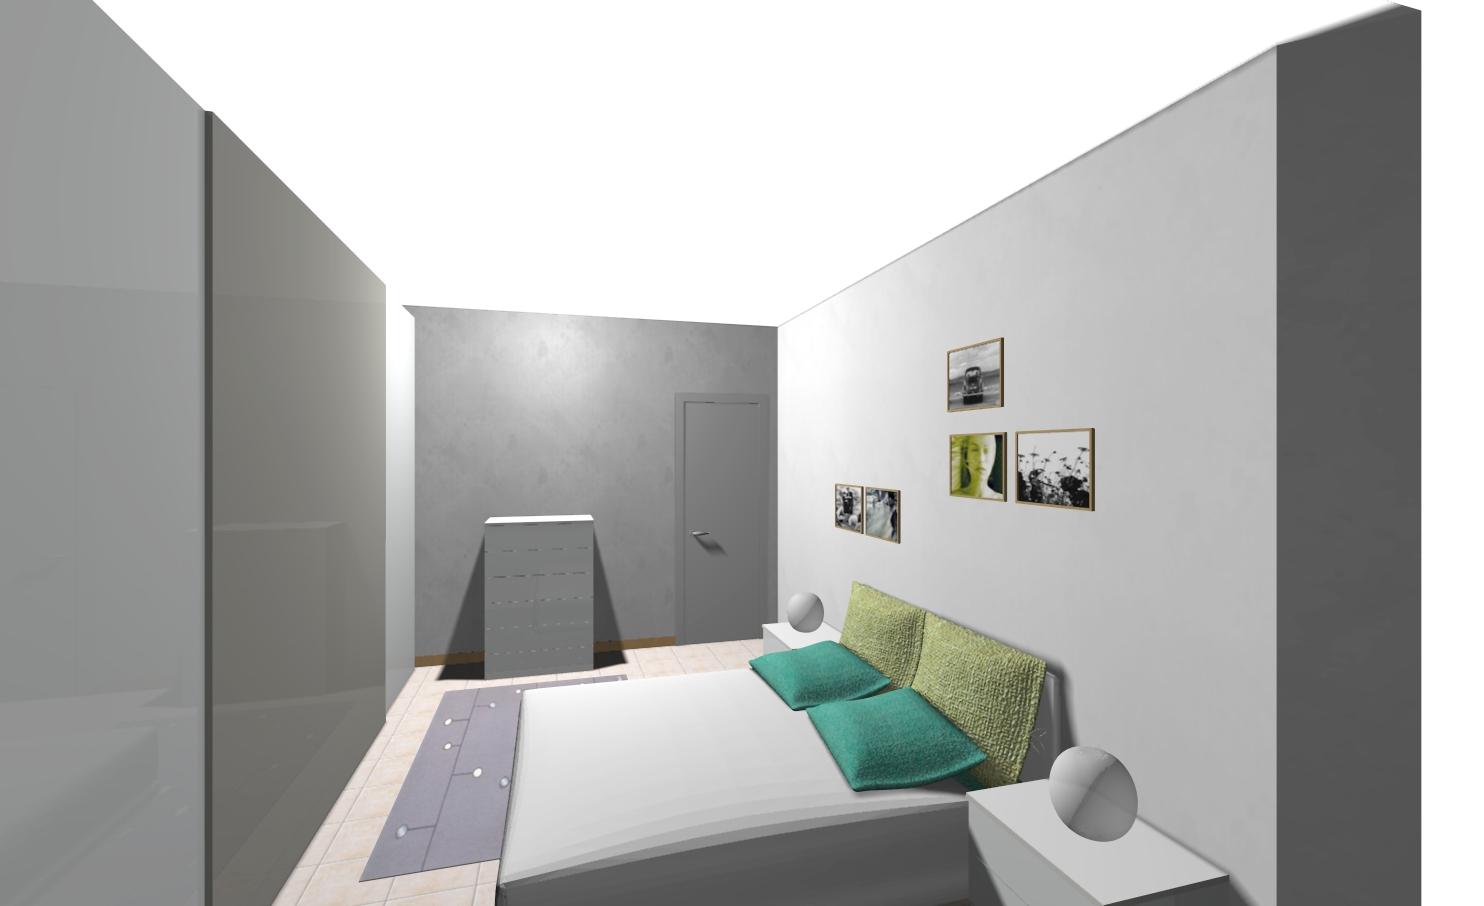 disegno 3d camera da letto